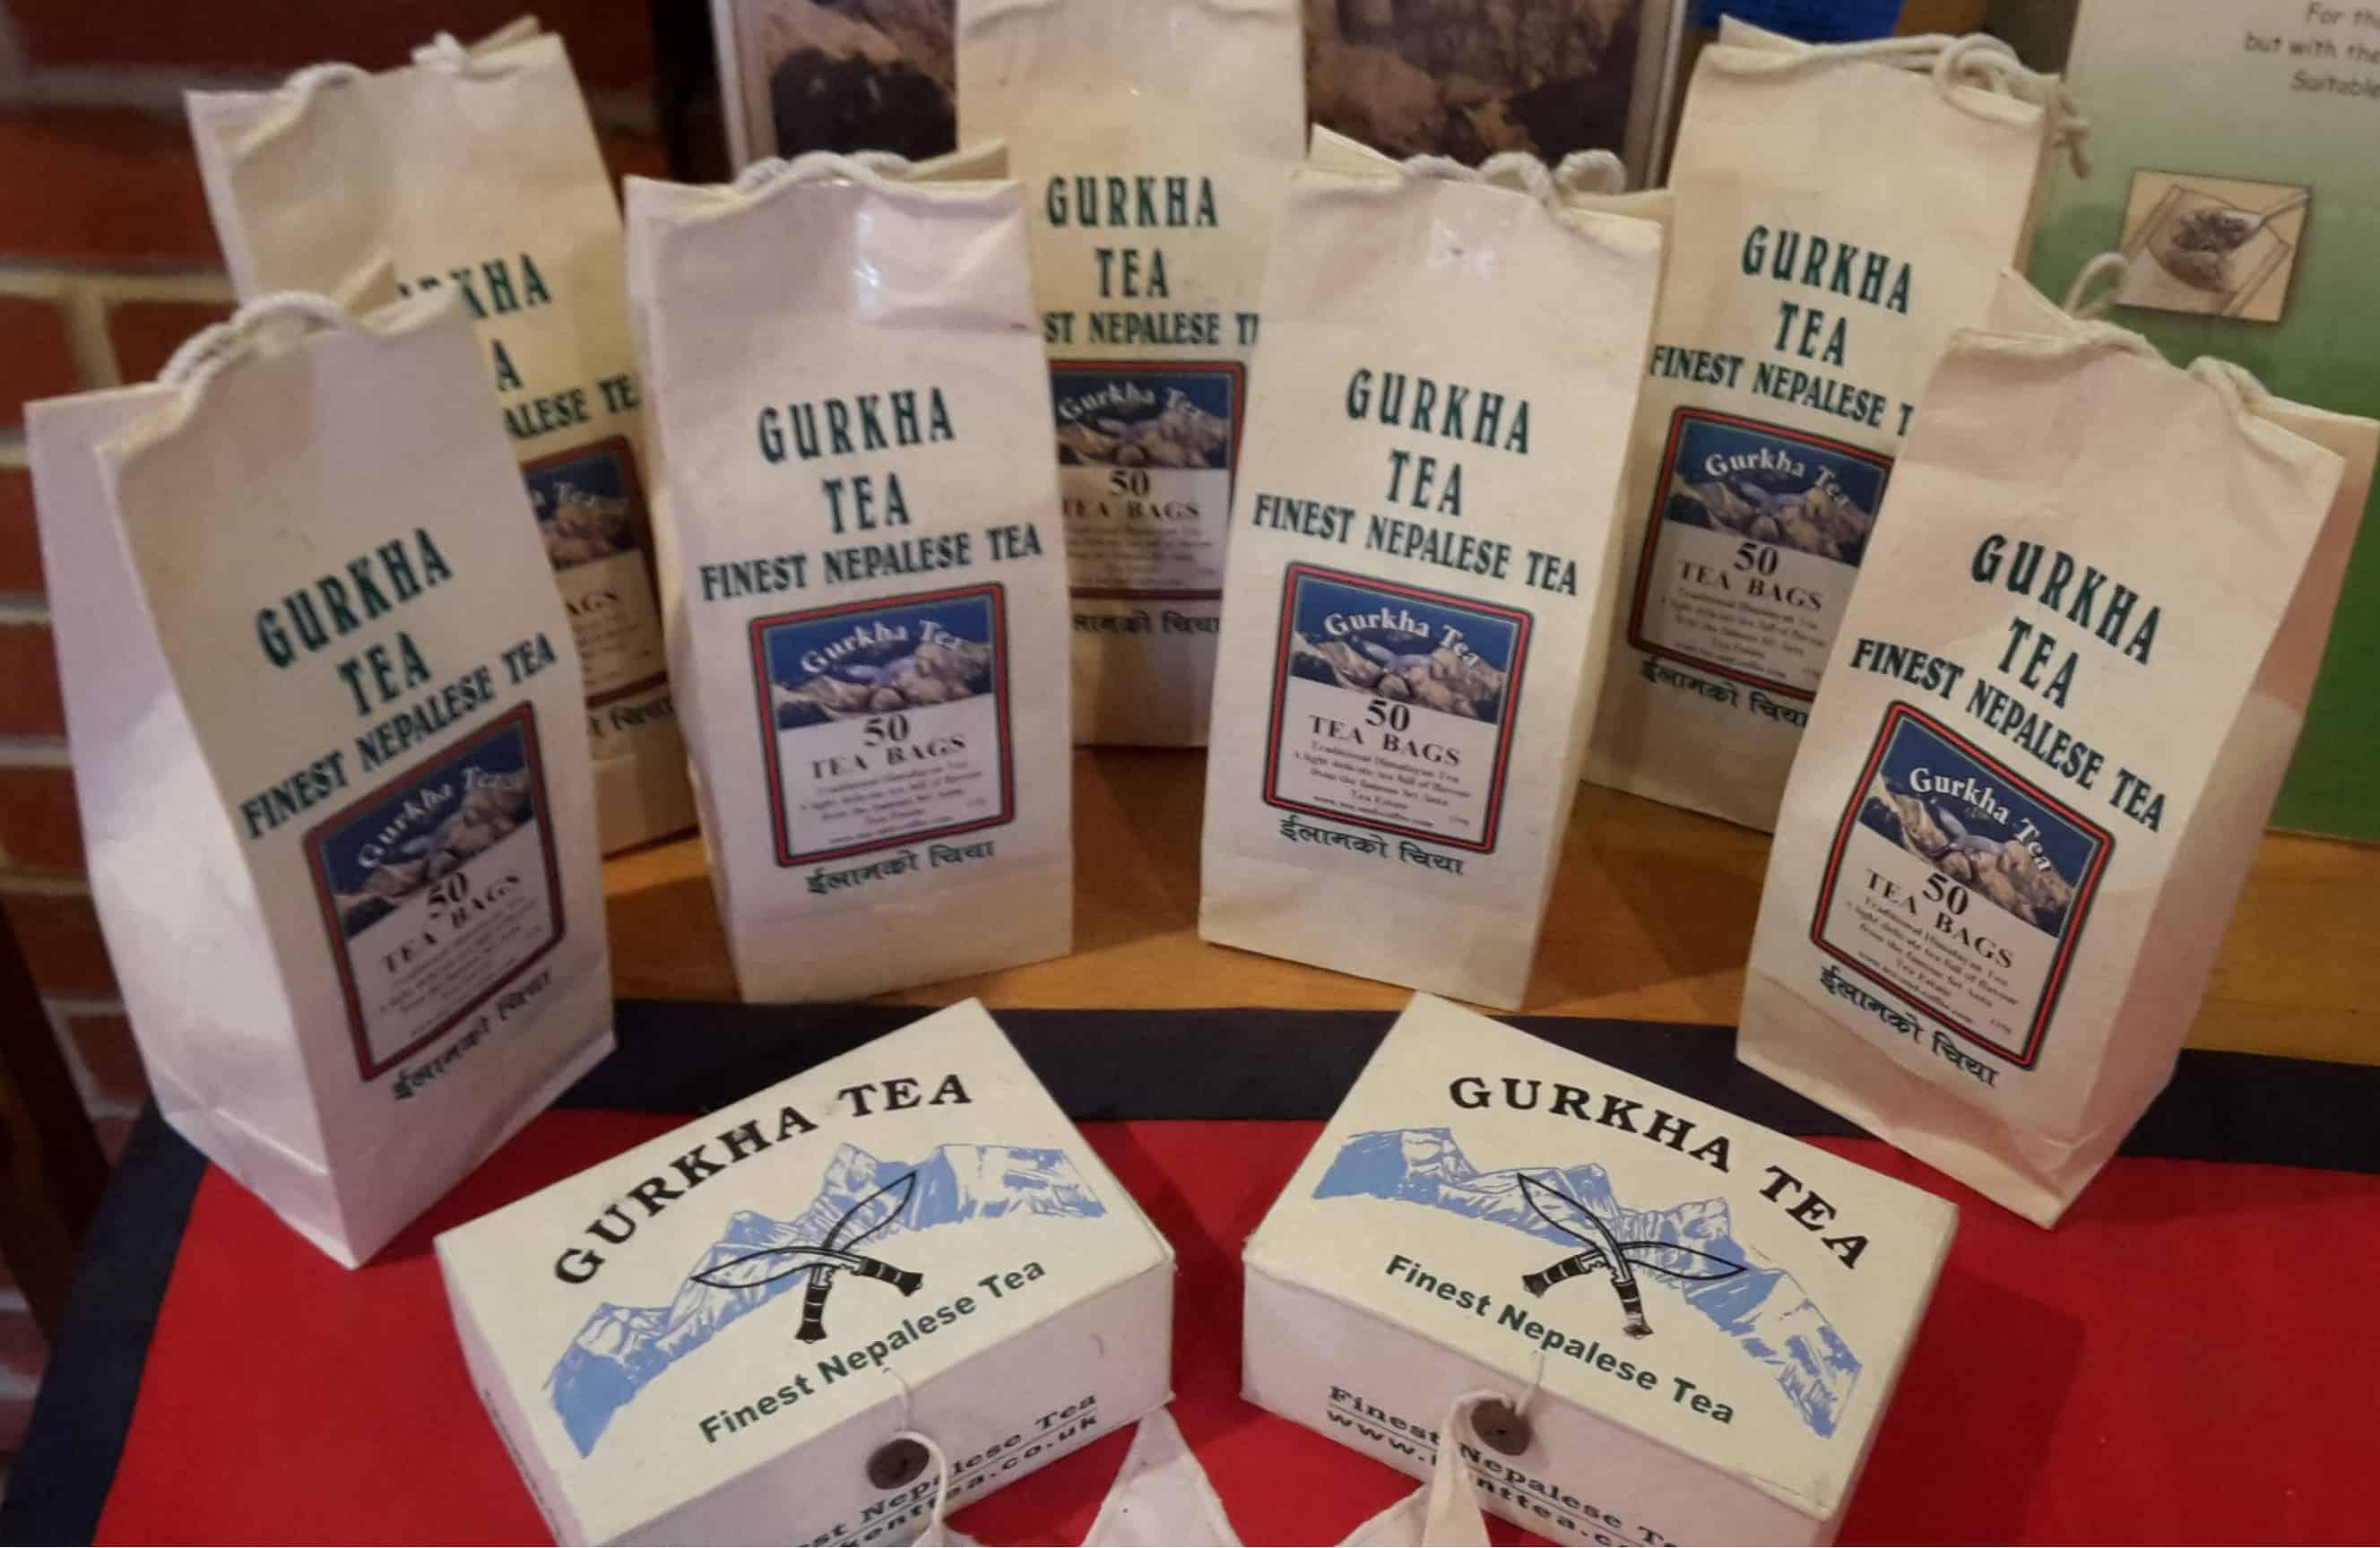 Gurkha Tea